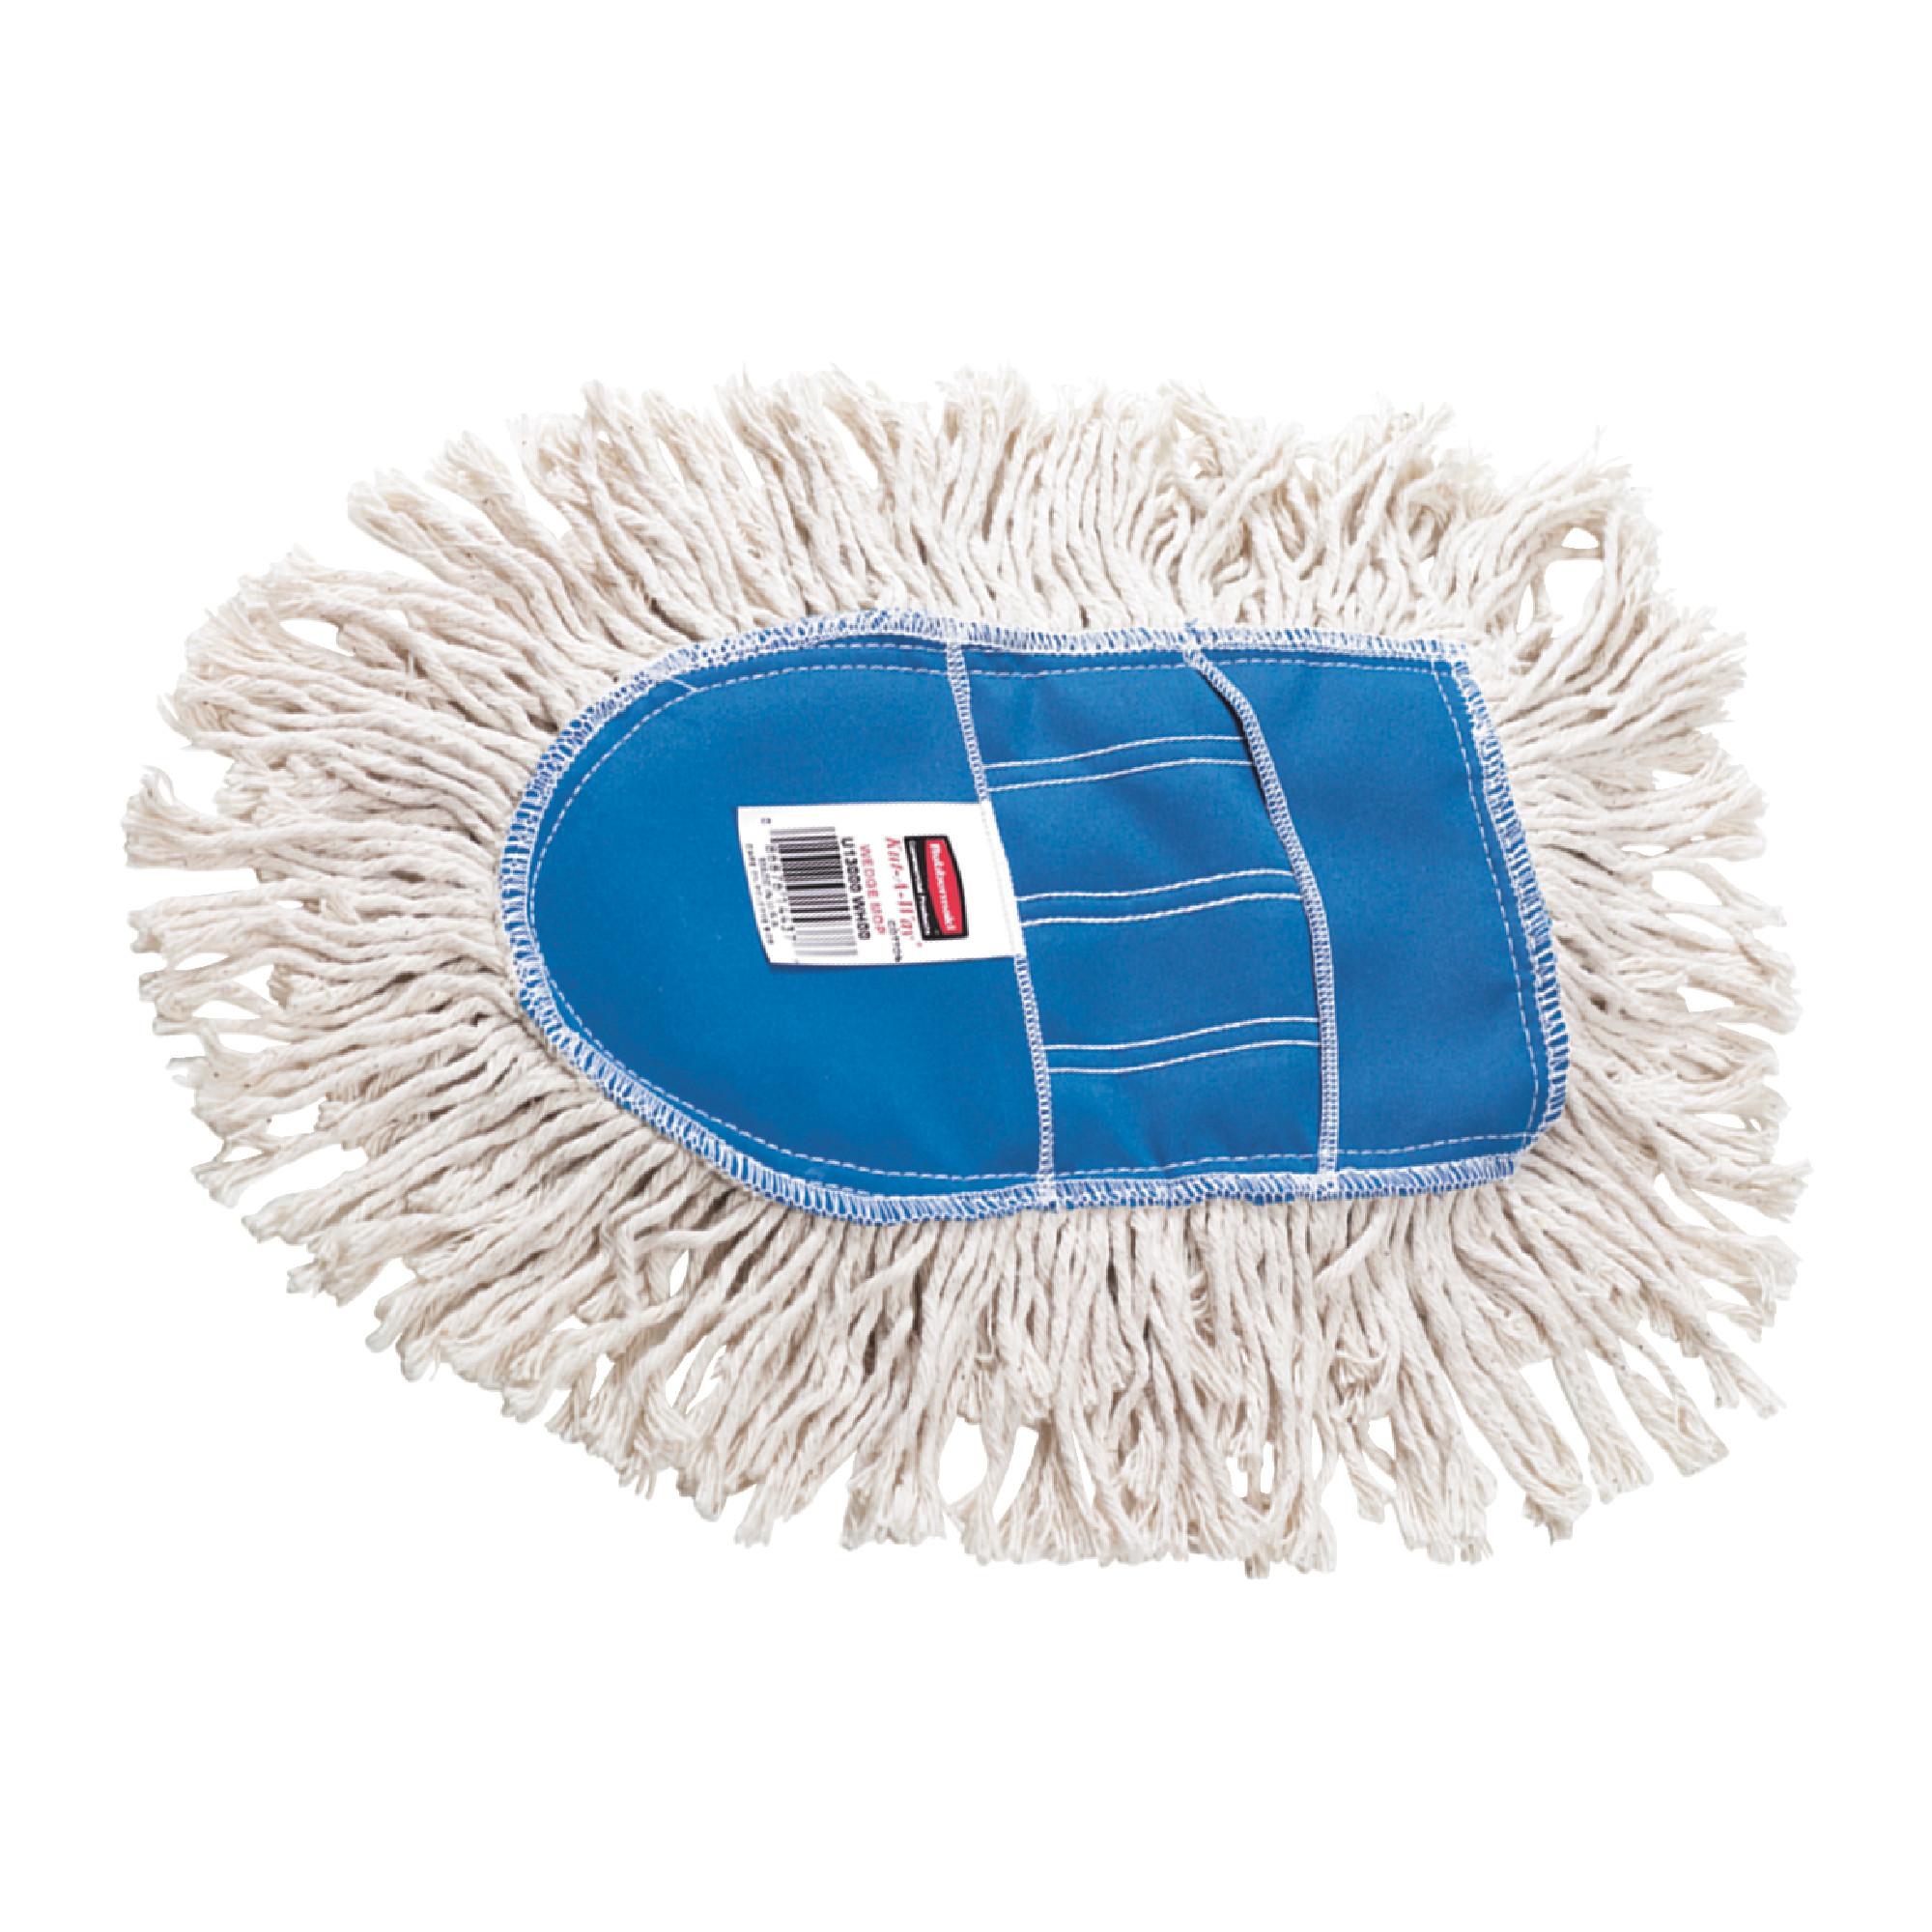 Kut-A-Way Wedge Dust Mop